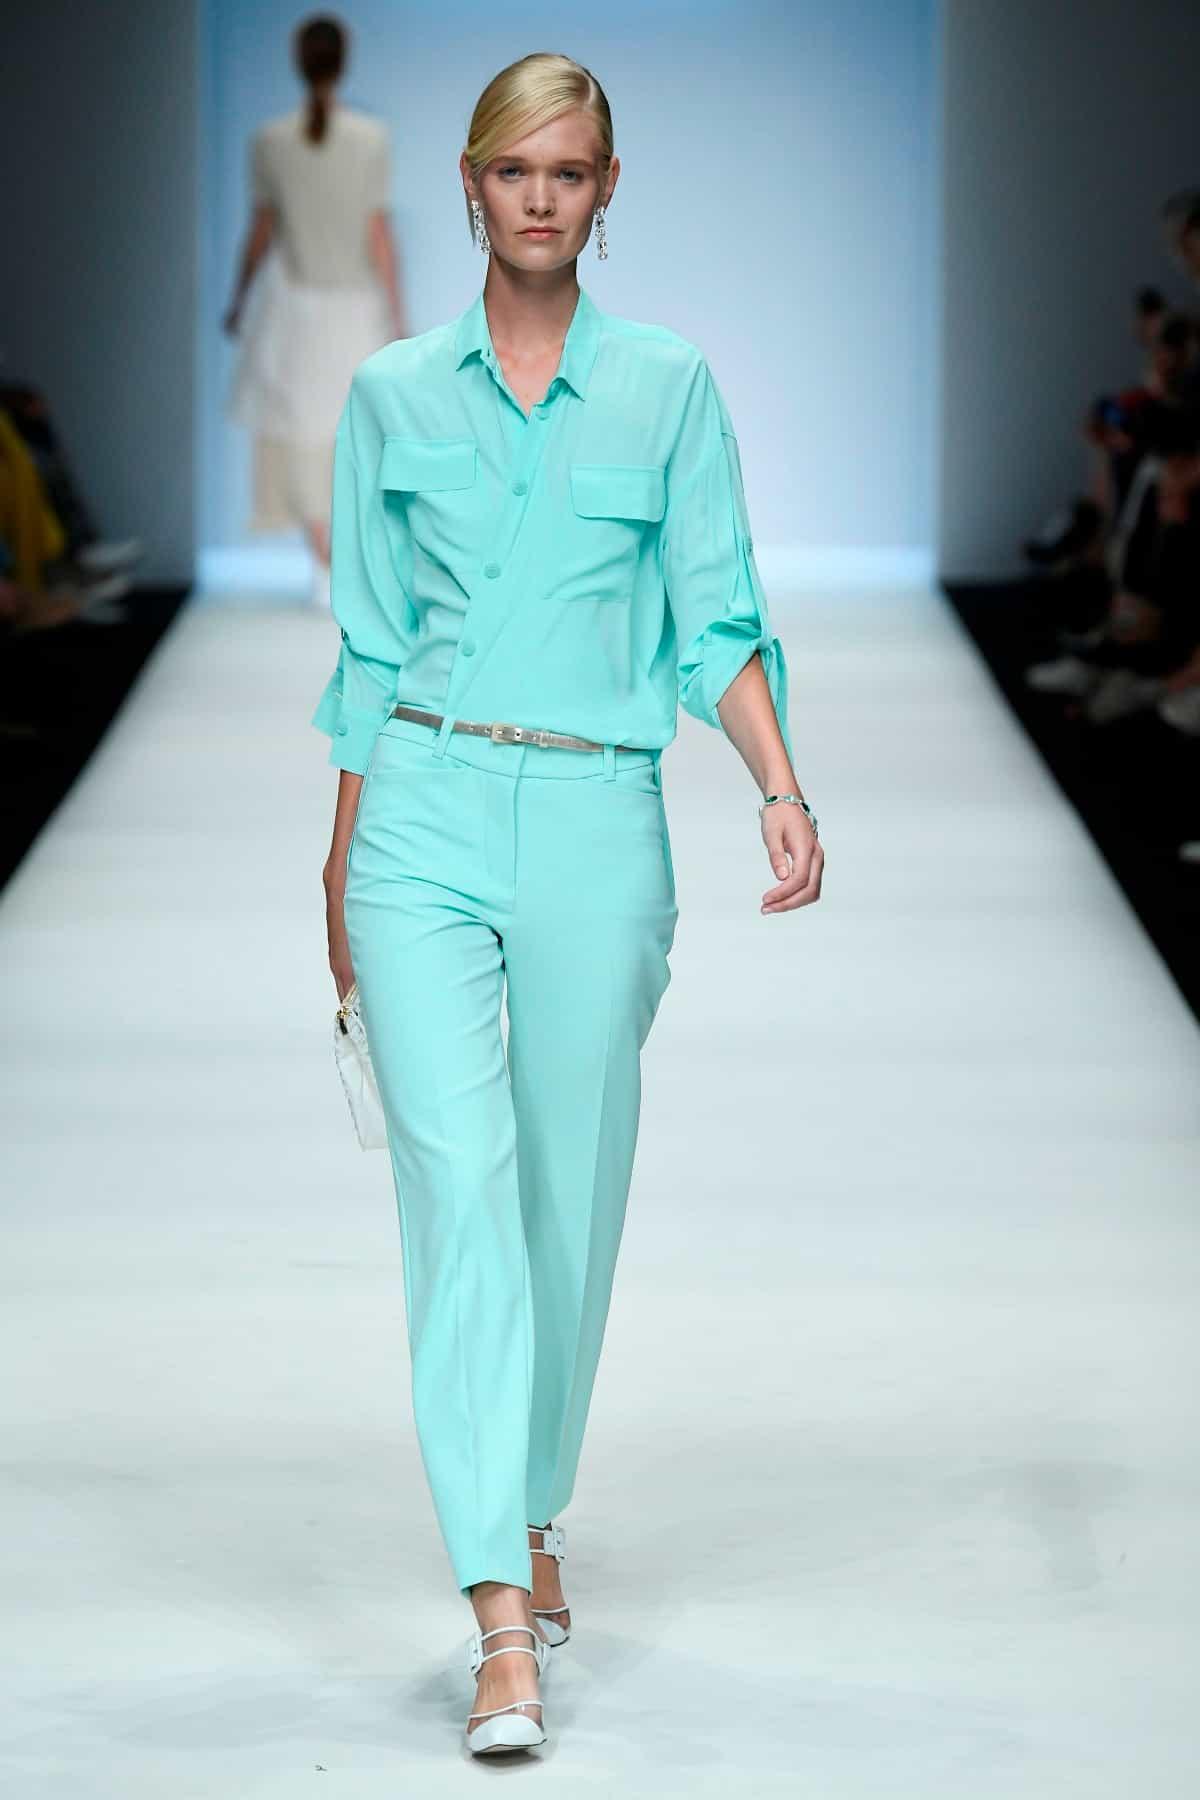 Mode von Riani Kollektion Frühjahr-Sommer 2020 zur Fashion Week Berlin im Juli 2019 - 2